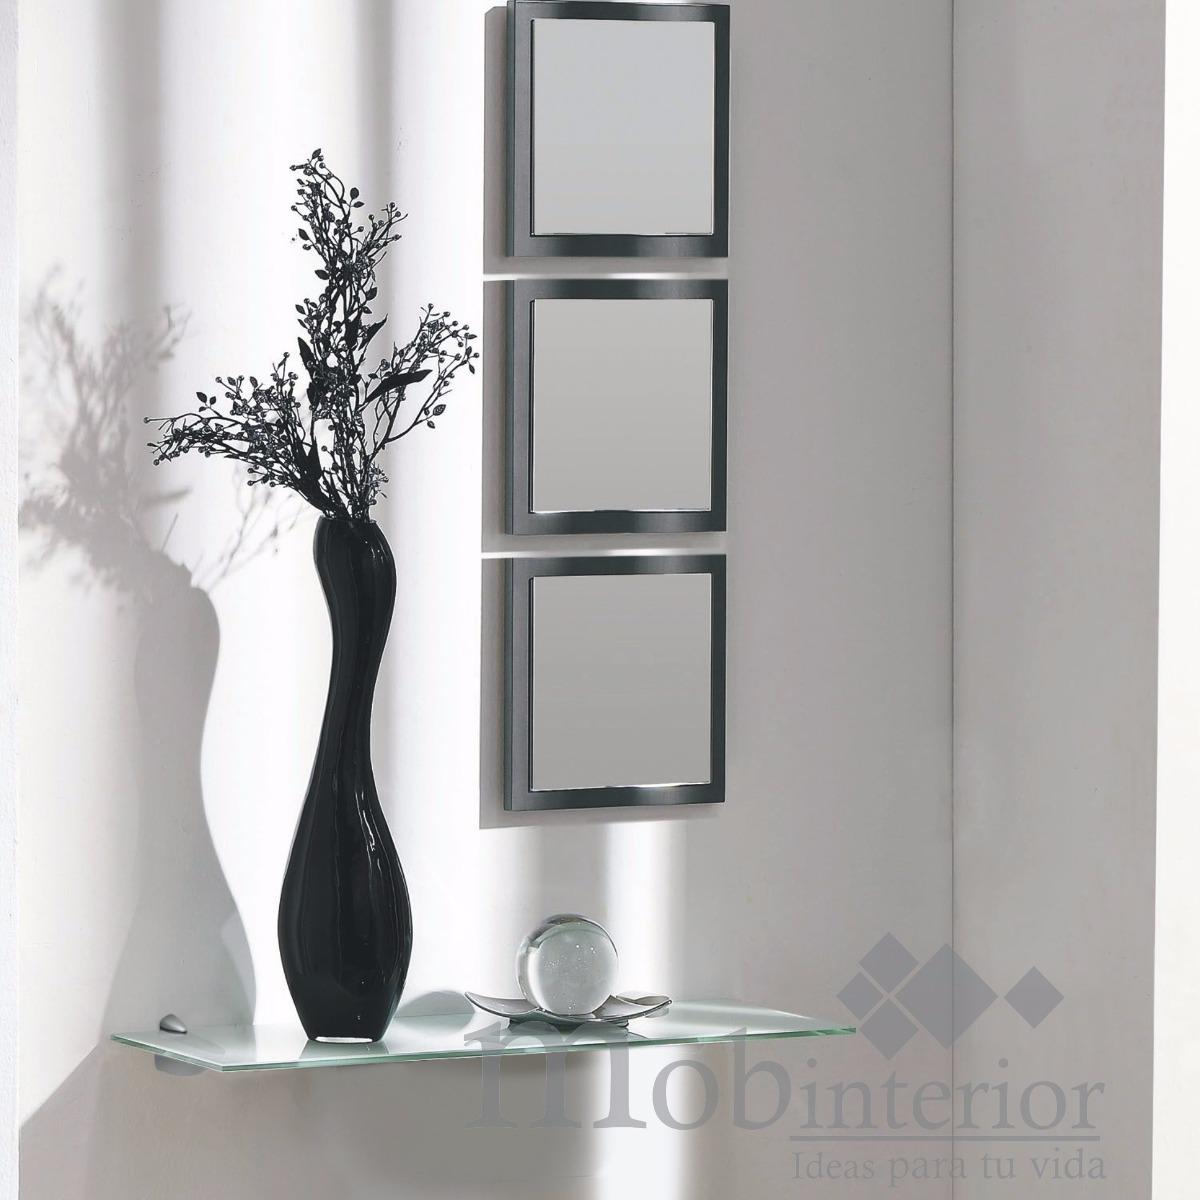 Repisa recibidor de cristal con 3 espejos mobinterior for Espejos para pared completa